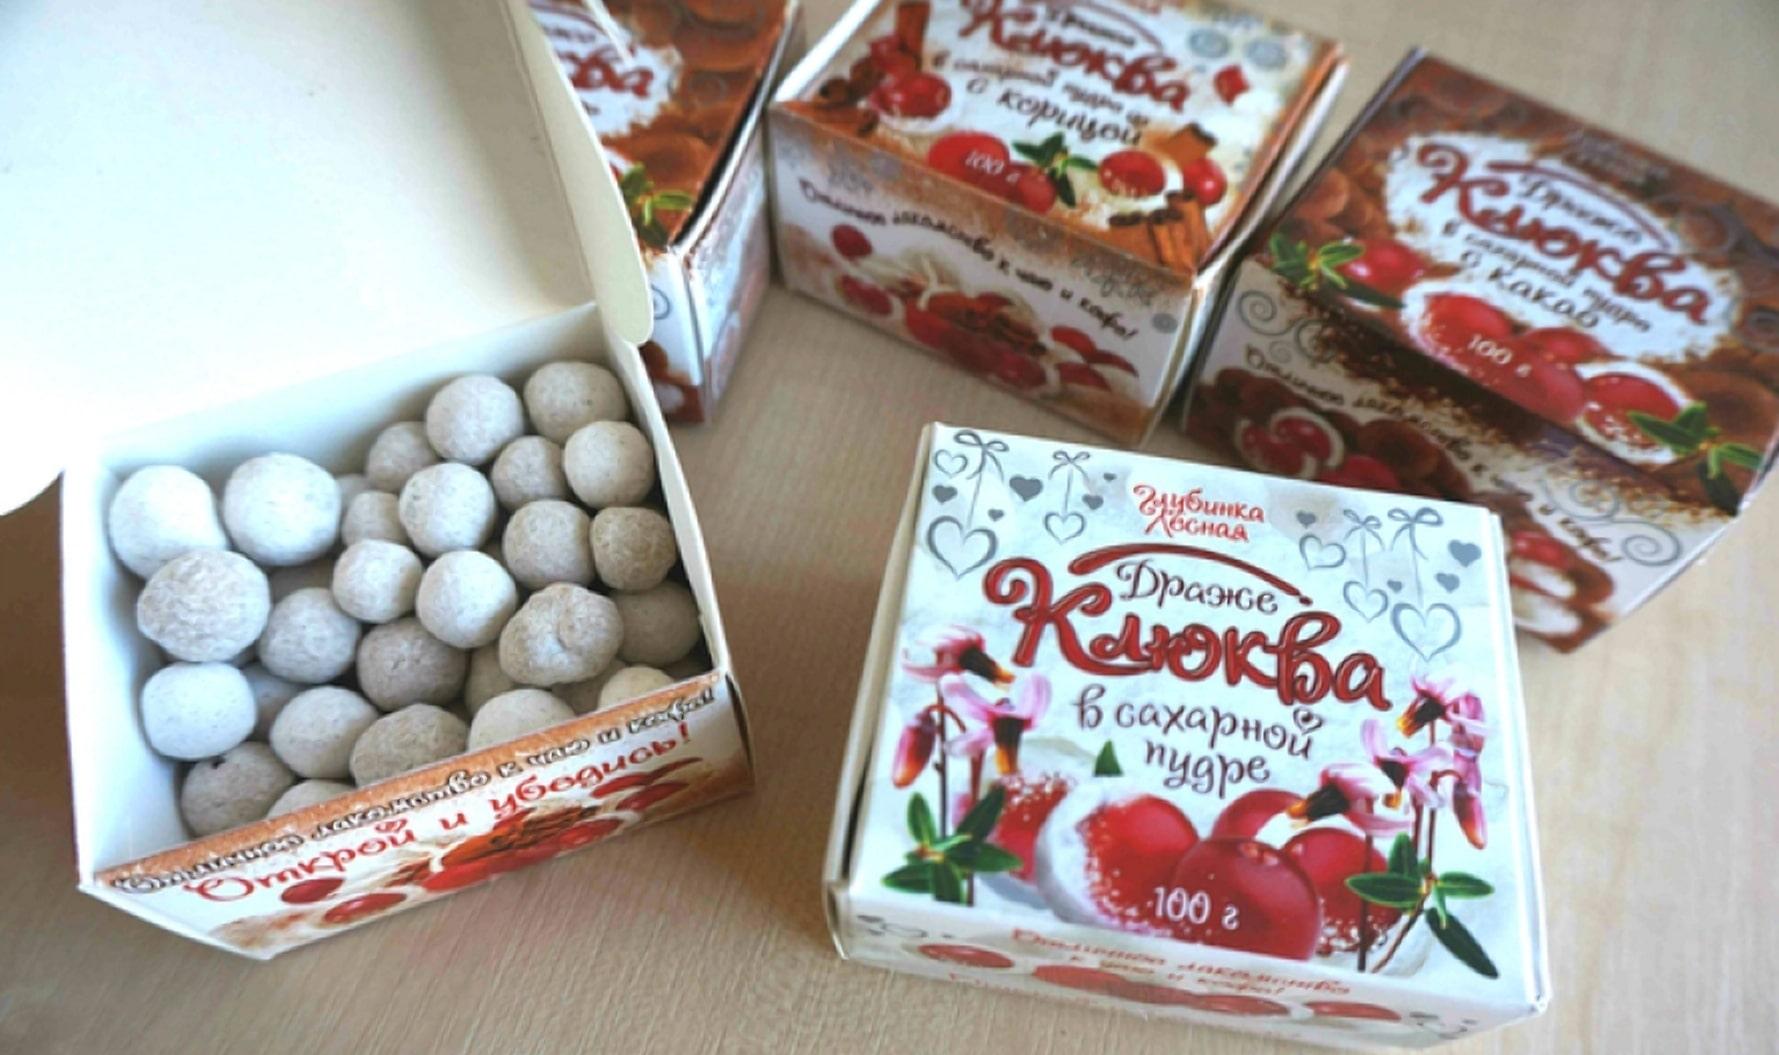 Белорусская клюква в сахаре